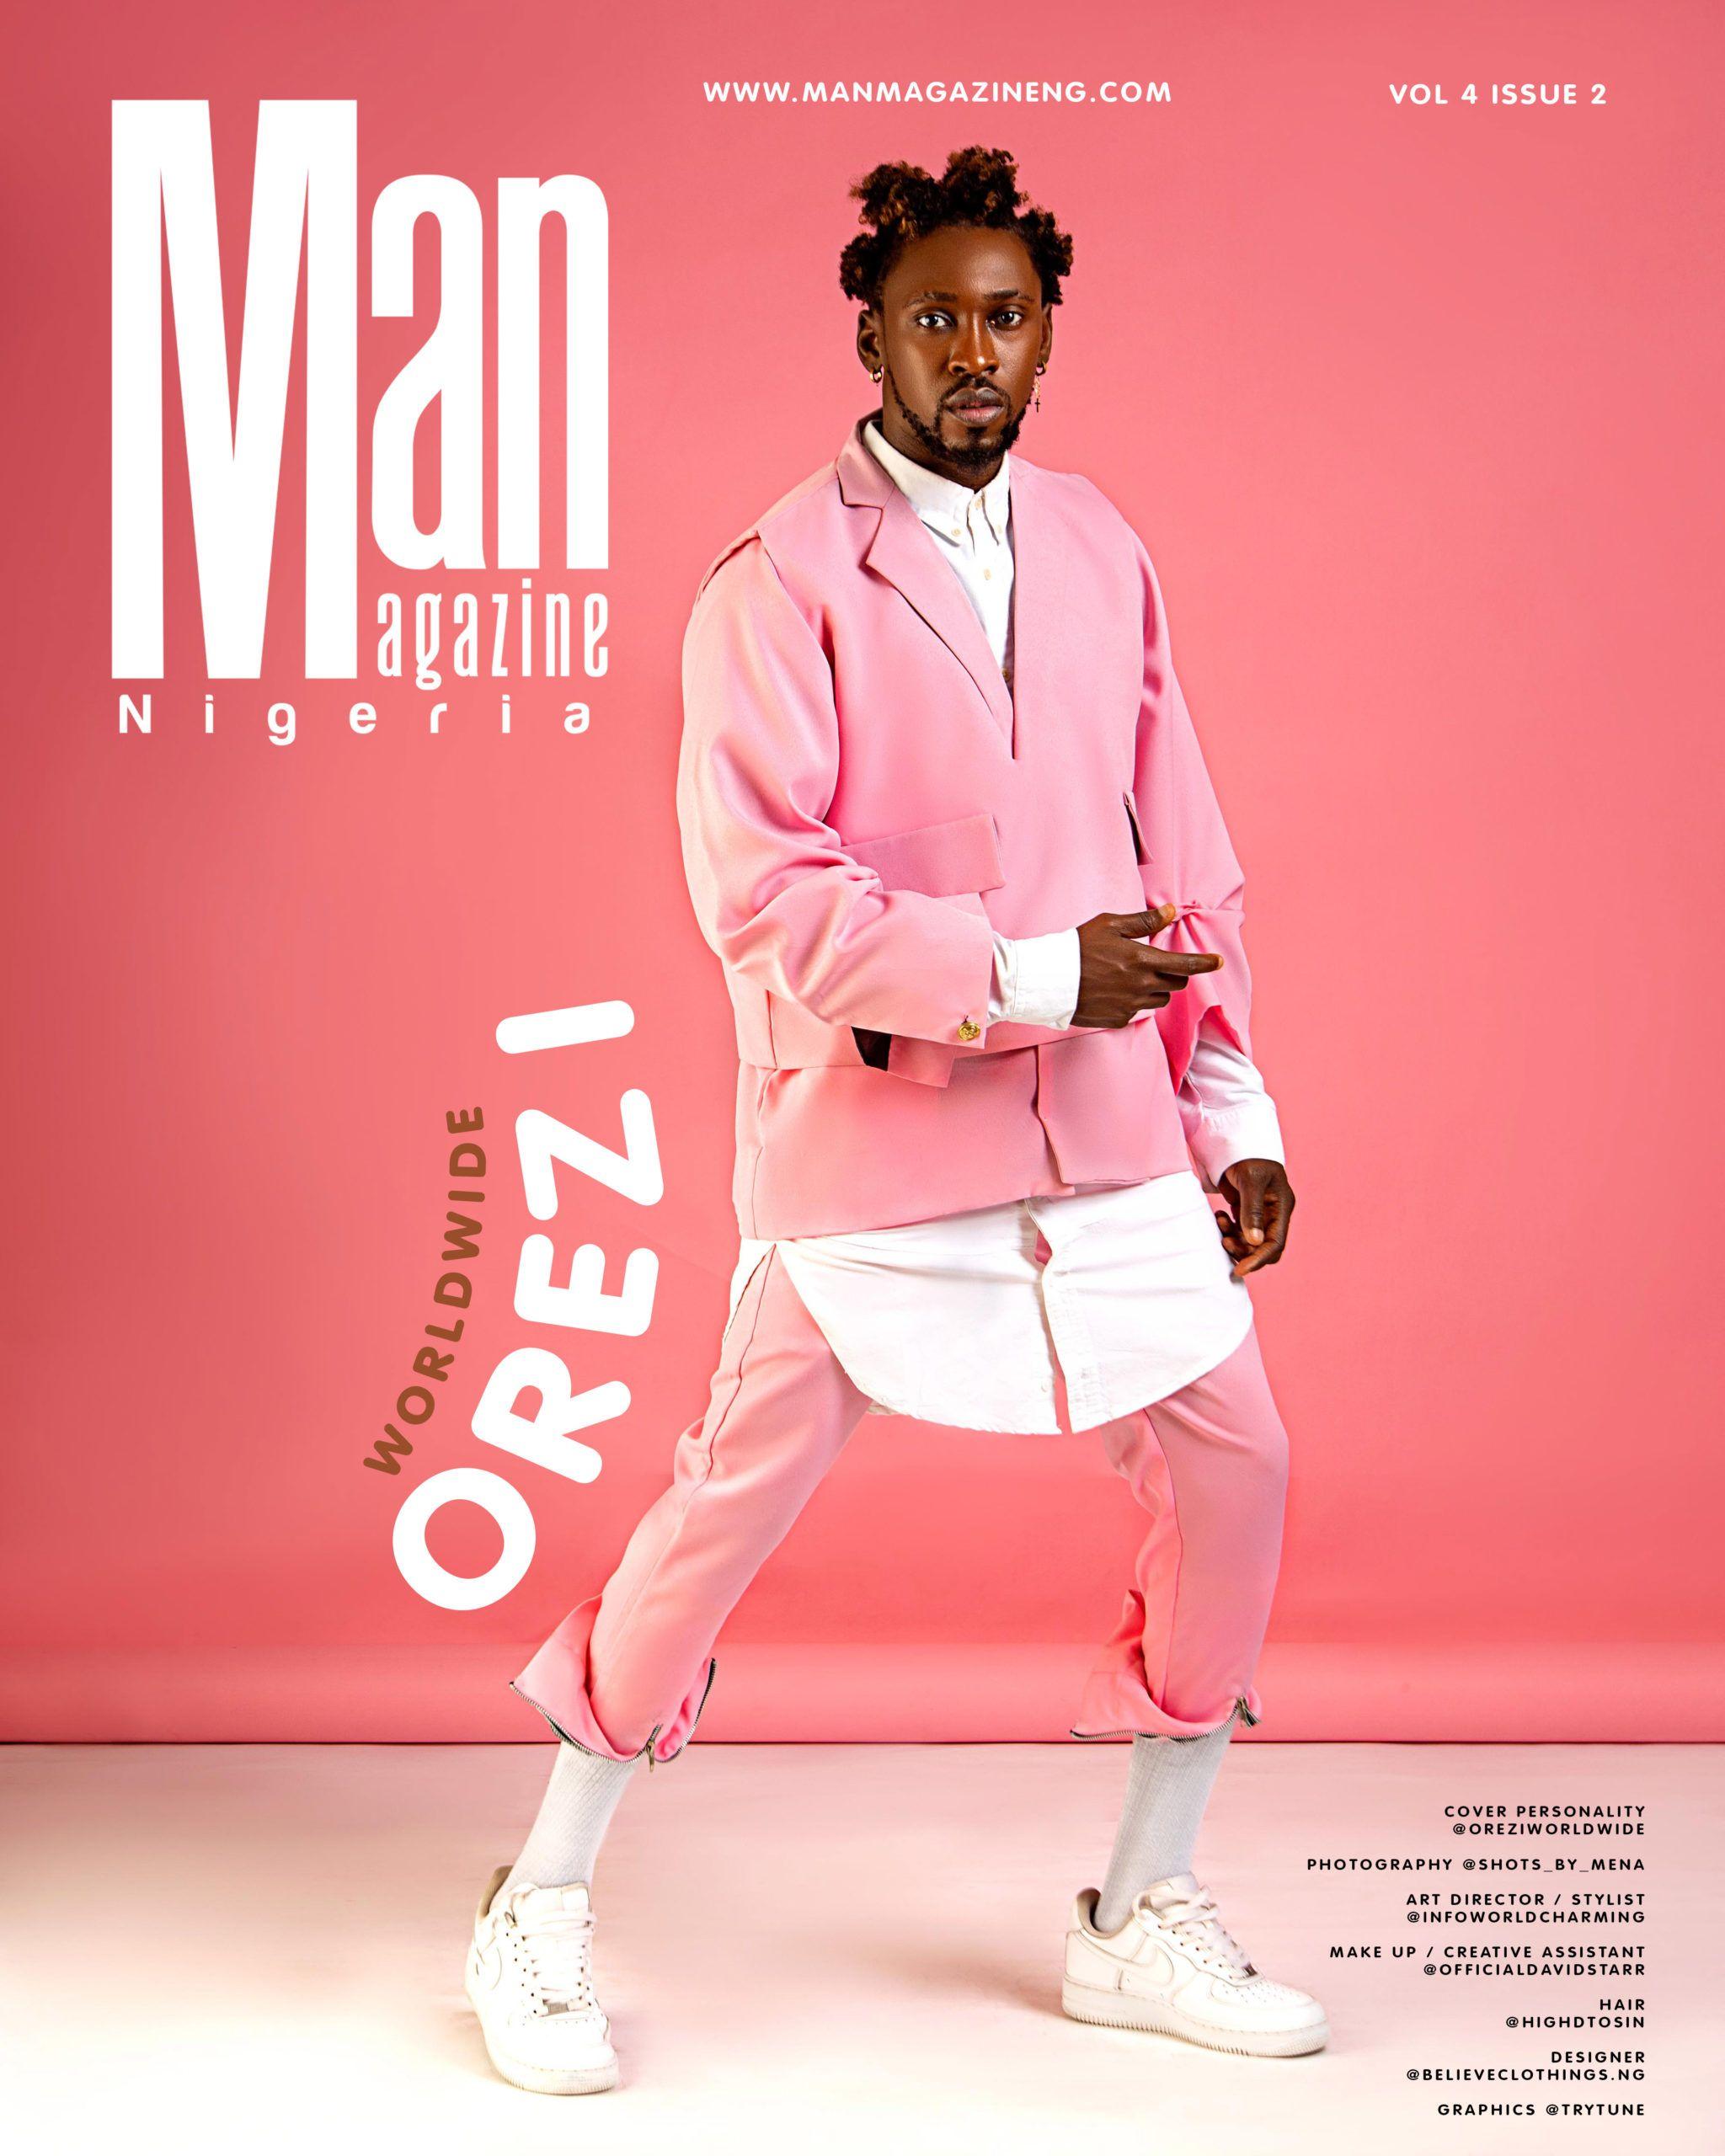 Orezi Shows Us The Modern Way To Rock Pink On Man Magazine